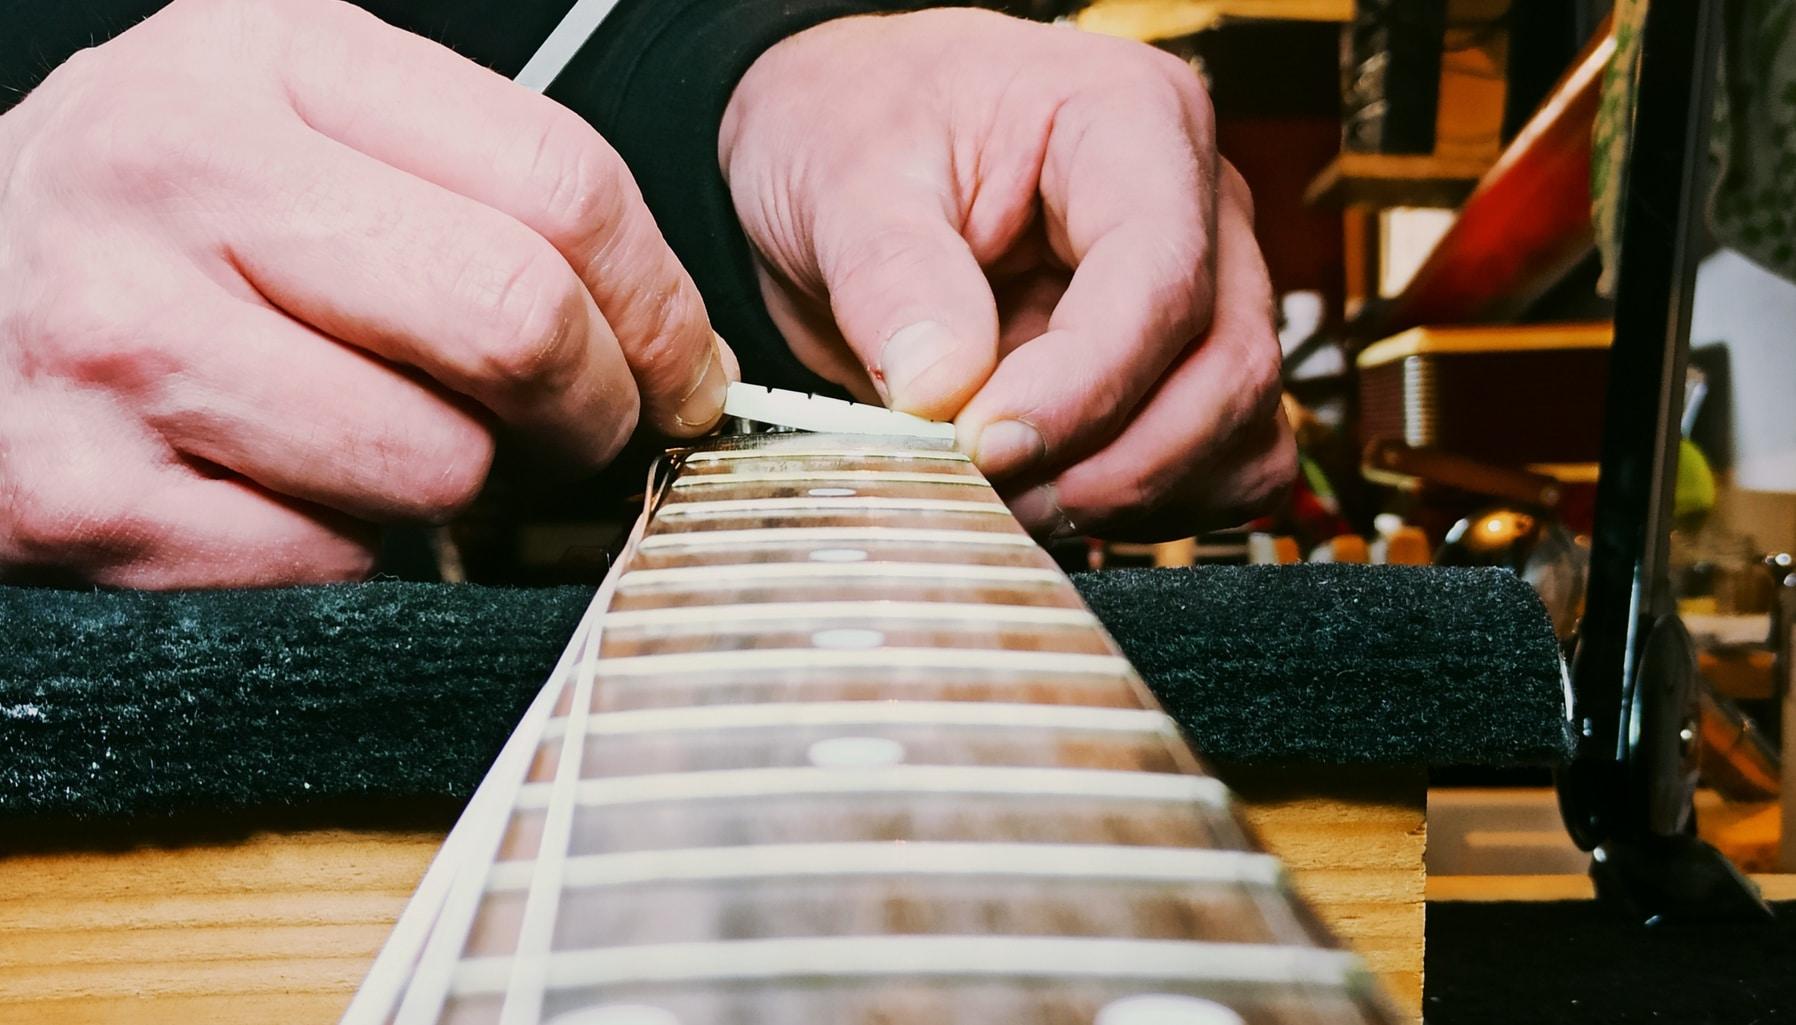 réparation d'instrument de musique_44_85_atelier de musique